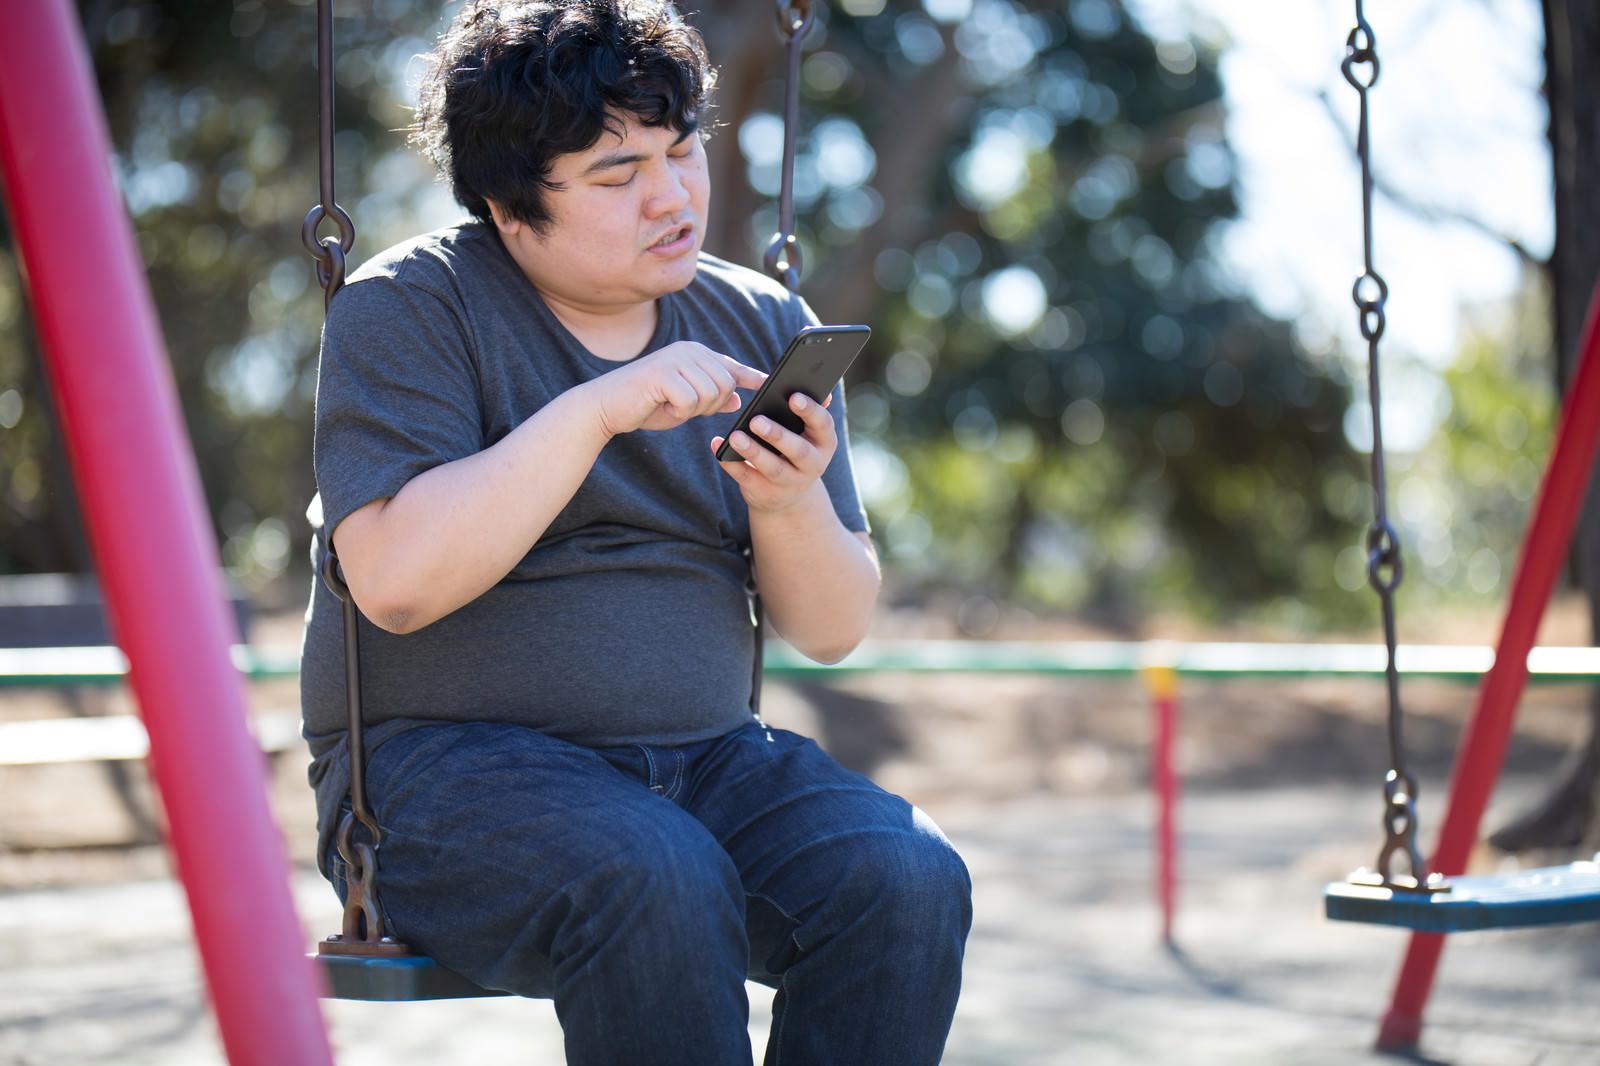 「仕事をサボってスマホゲームに熱中する廃課金者」の写真[モデル:段田隼人]